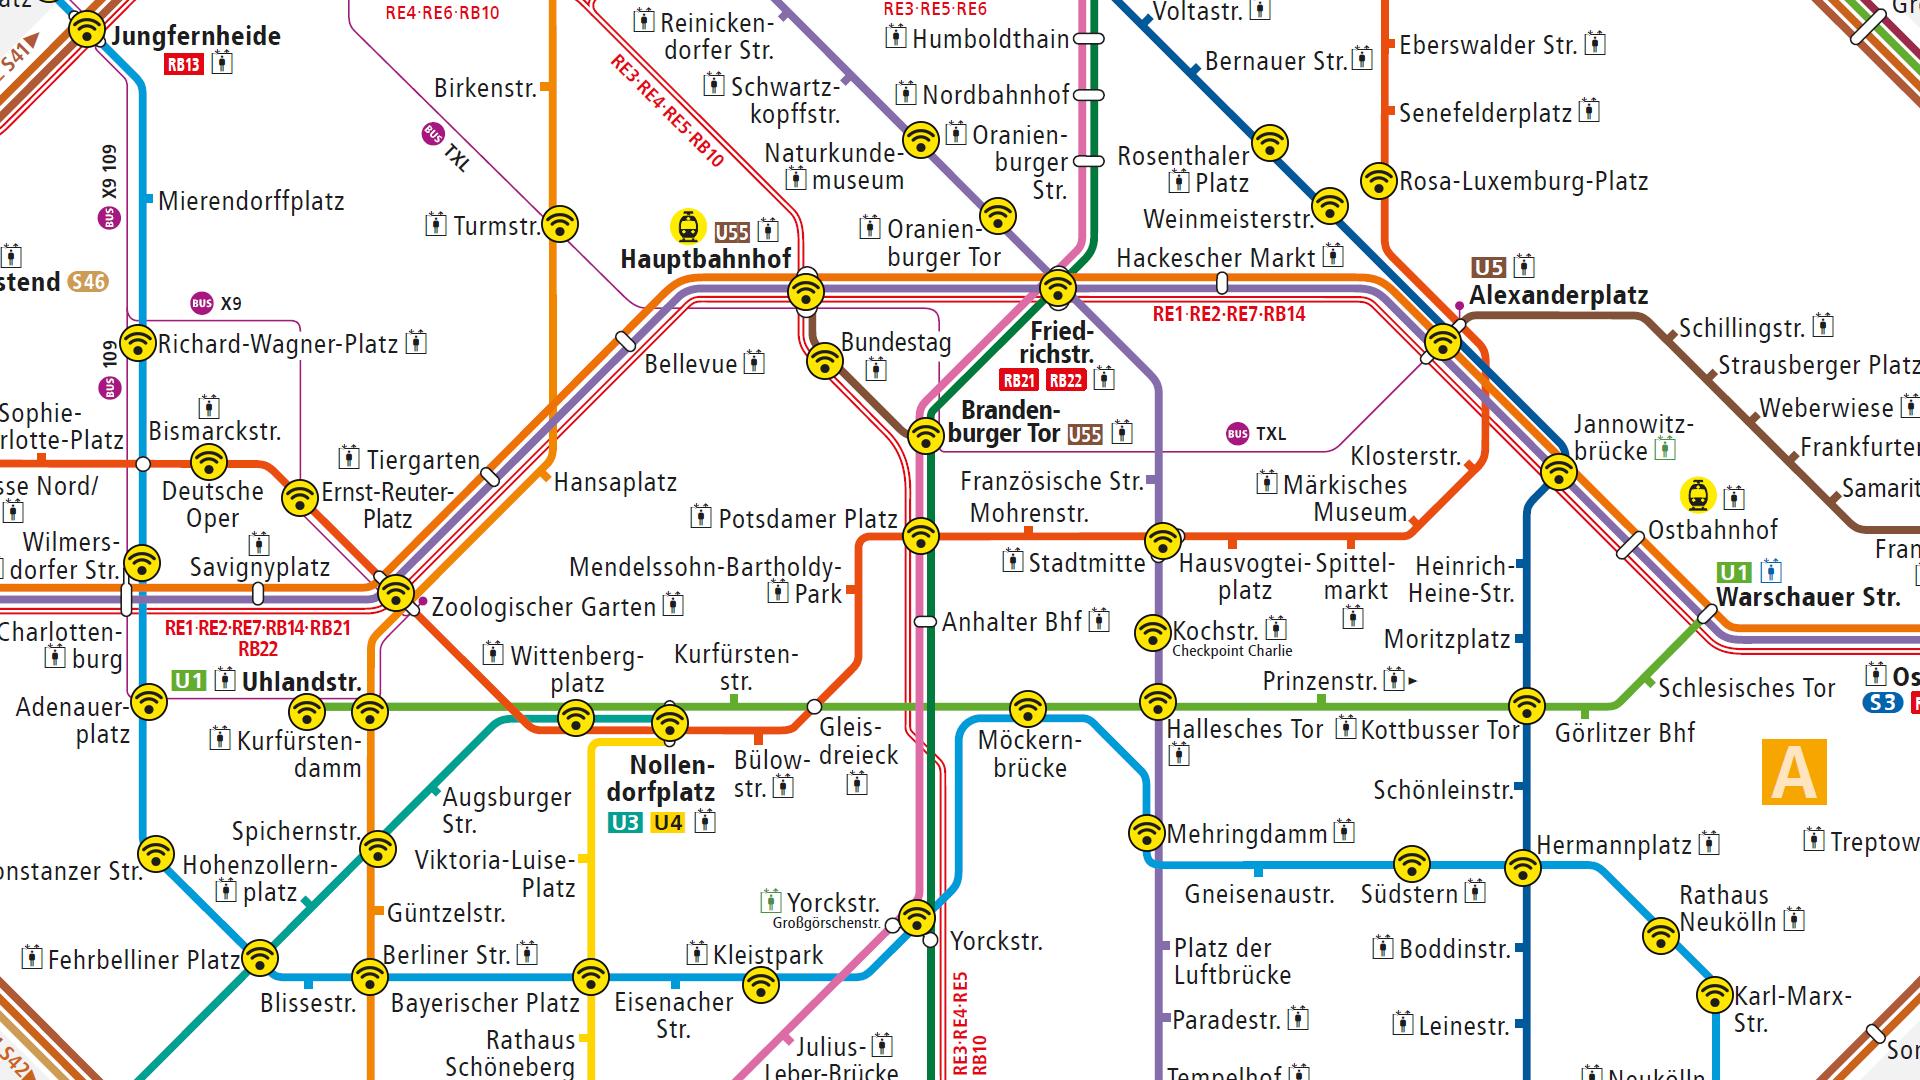 BVG Wi-Fi: Die (inoffizielle) WLAN-Karte für Berlin | Sebastian ...